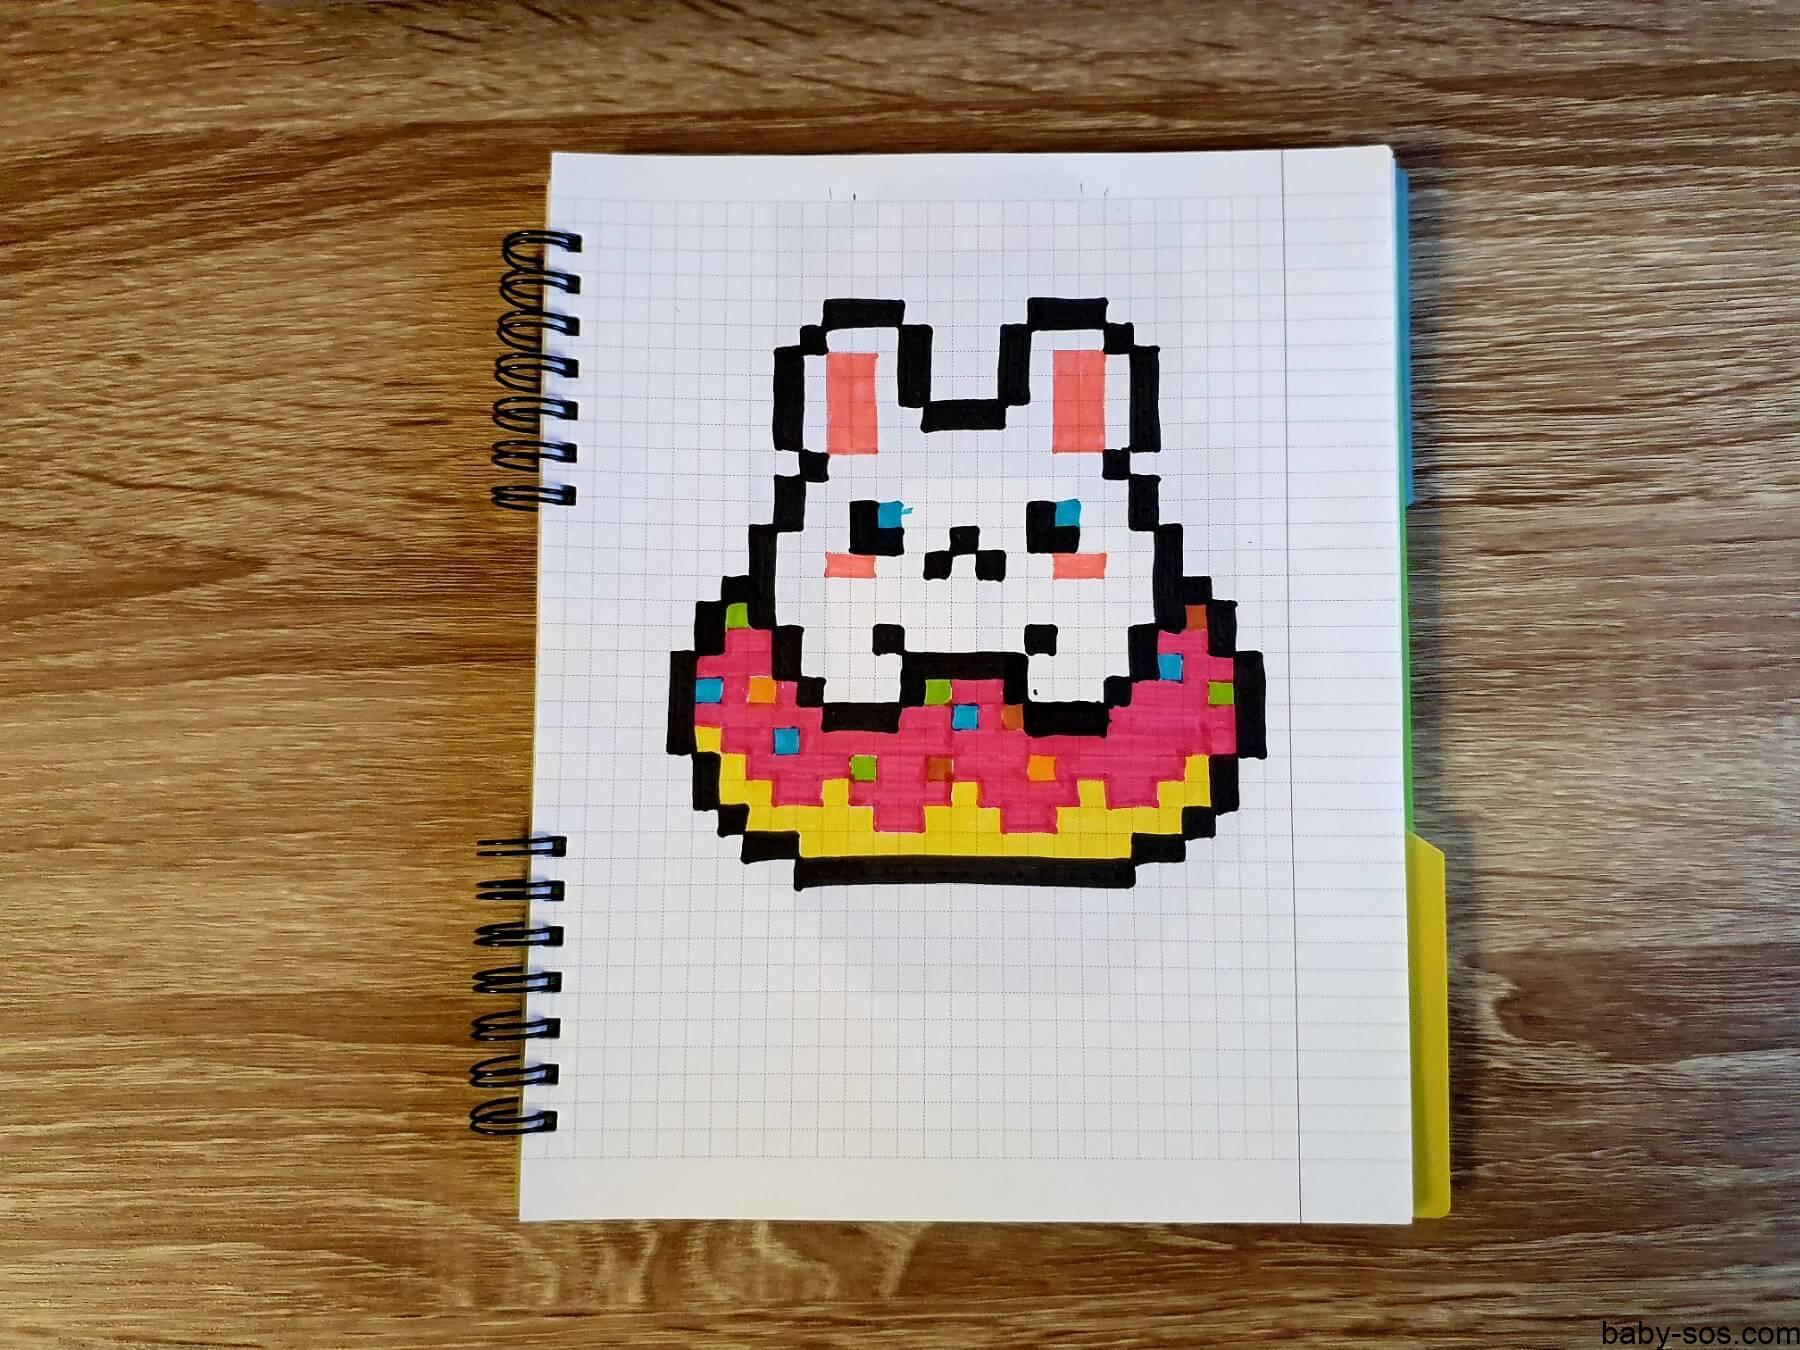 хомячок в пончику, малюнки по клiтинкам, рисунки по клеточкам, pixel art, писксельные рисунки